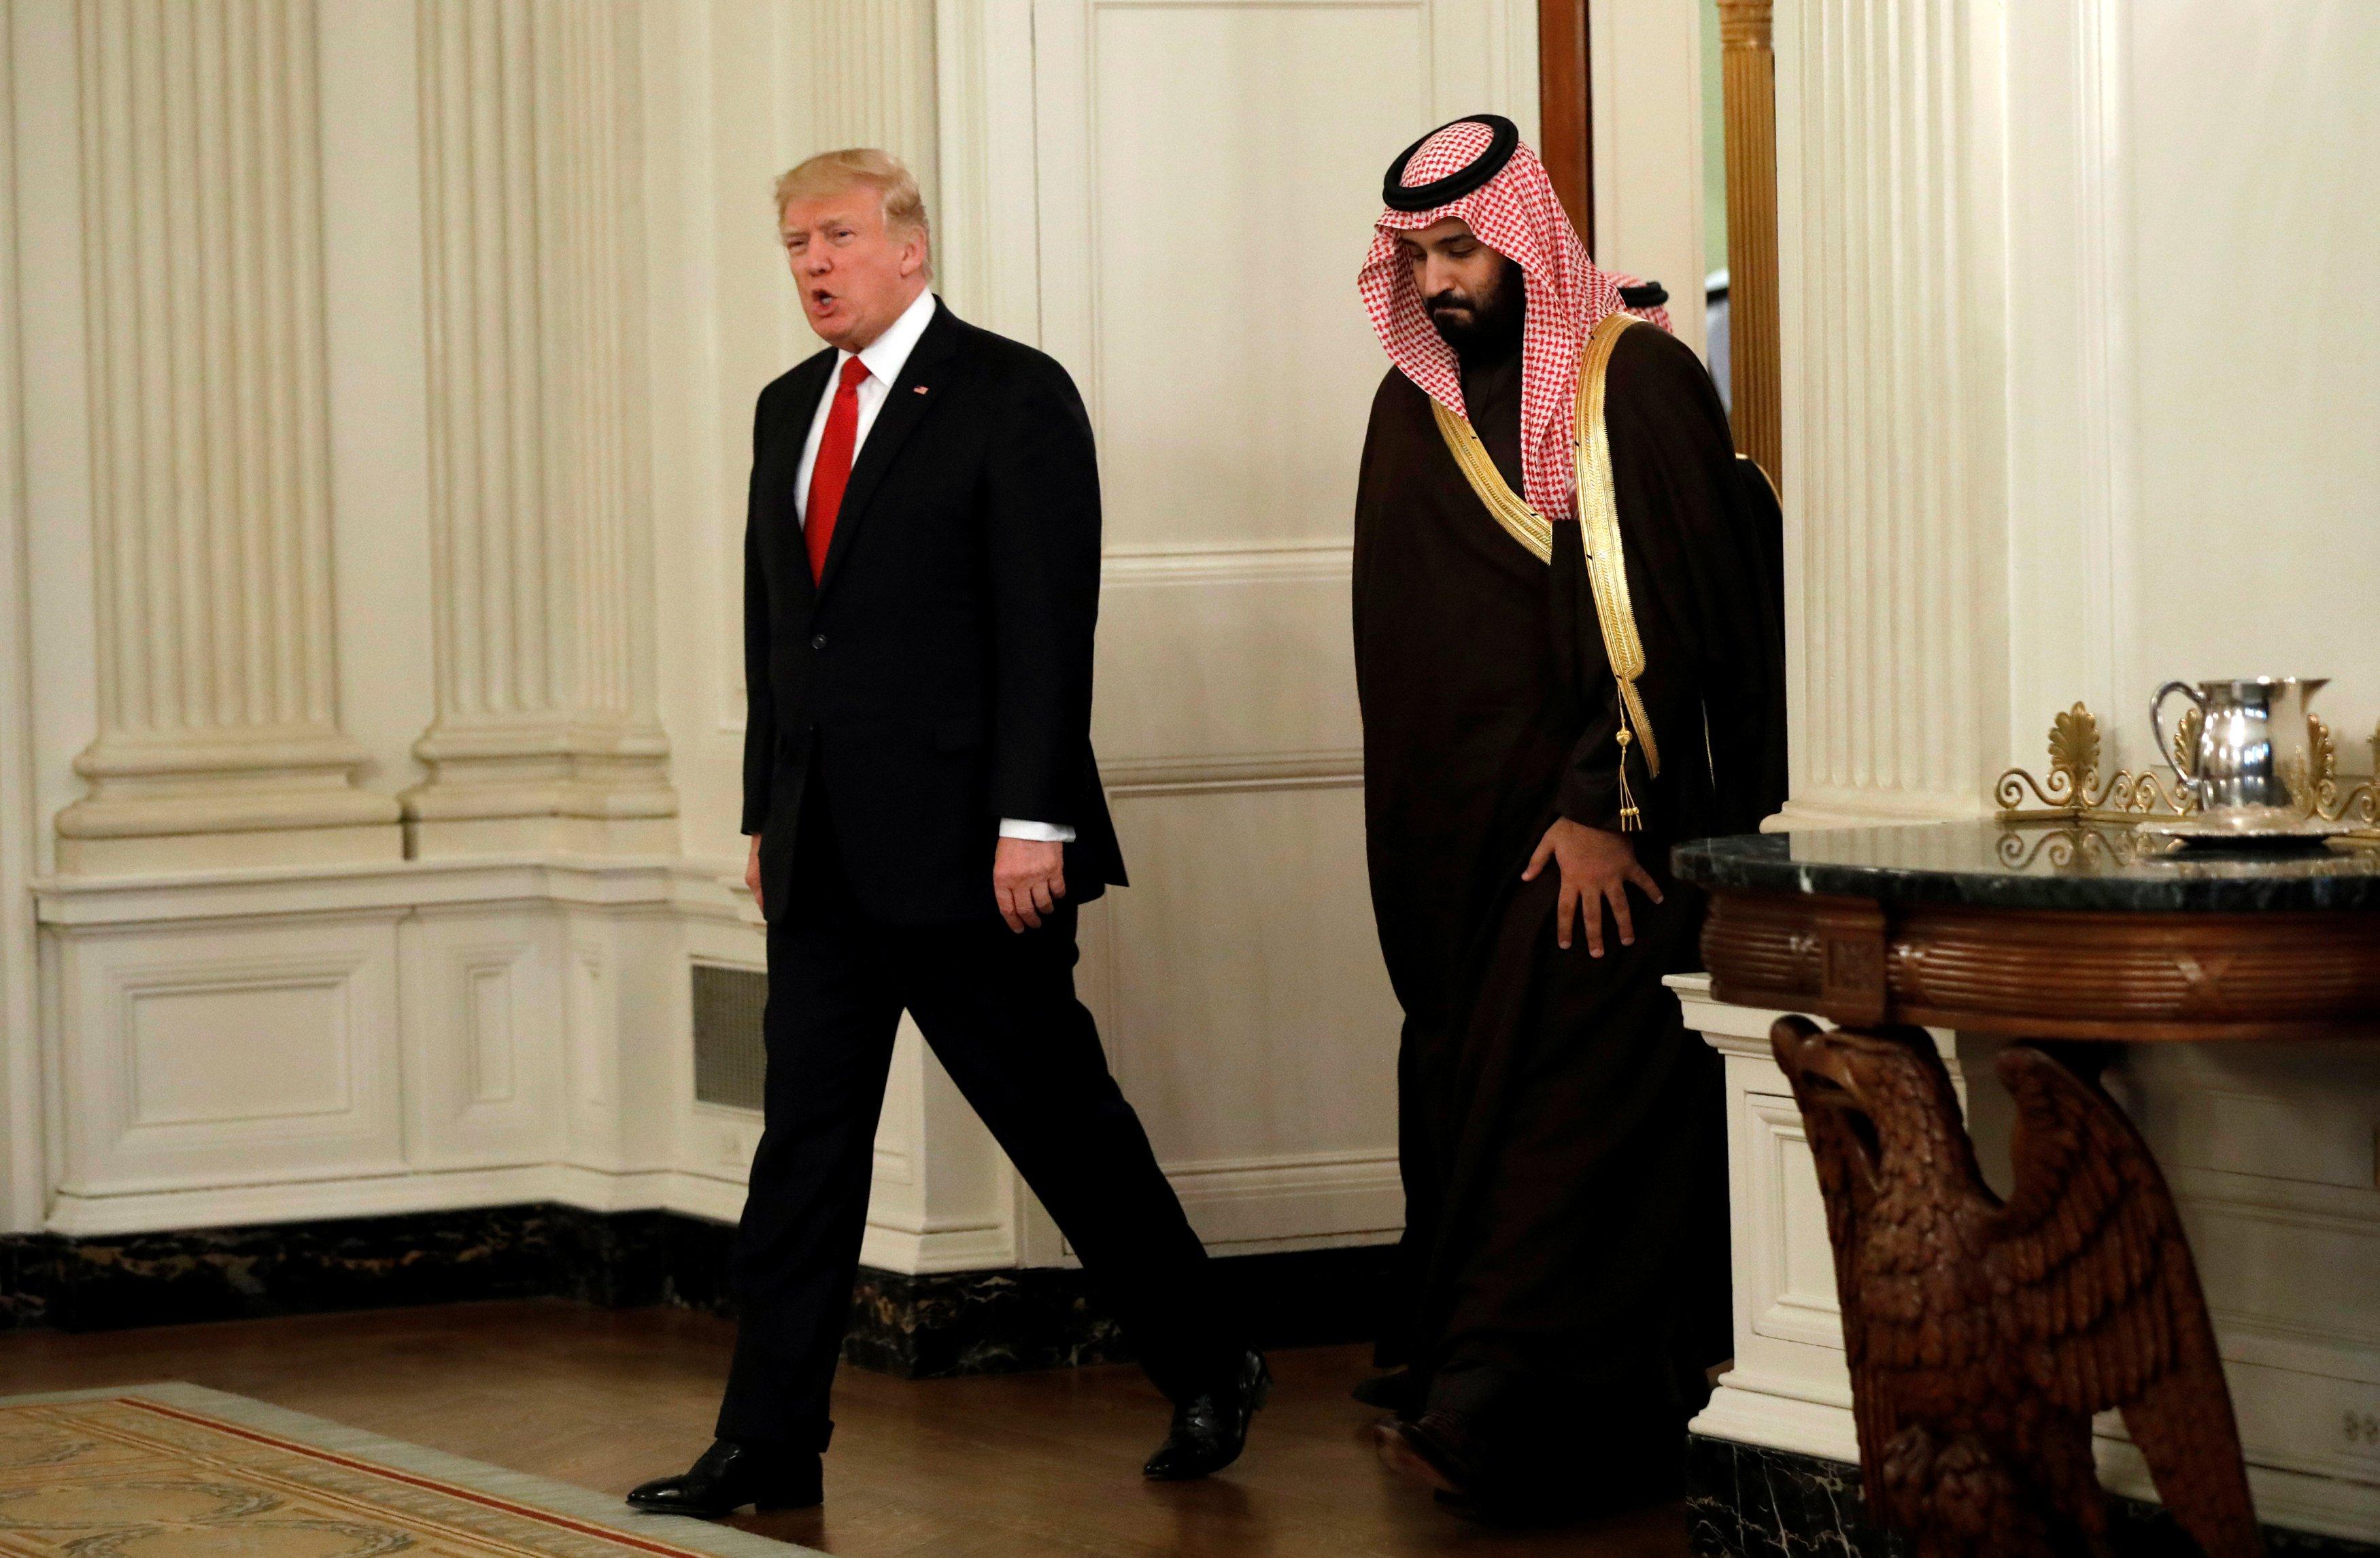 بعد حملة ضغط إسرائيلية سعودية ترامب يقرر رفع العقوبات عن السودان اليوم